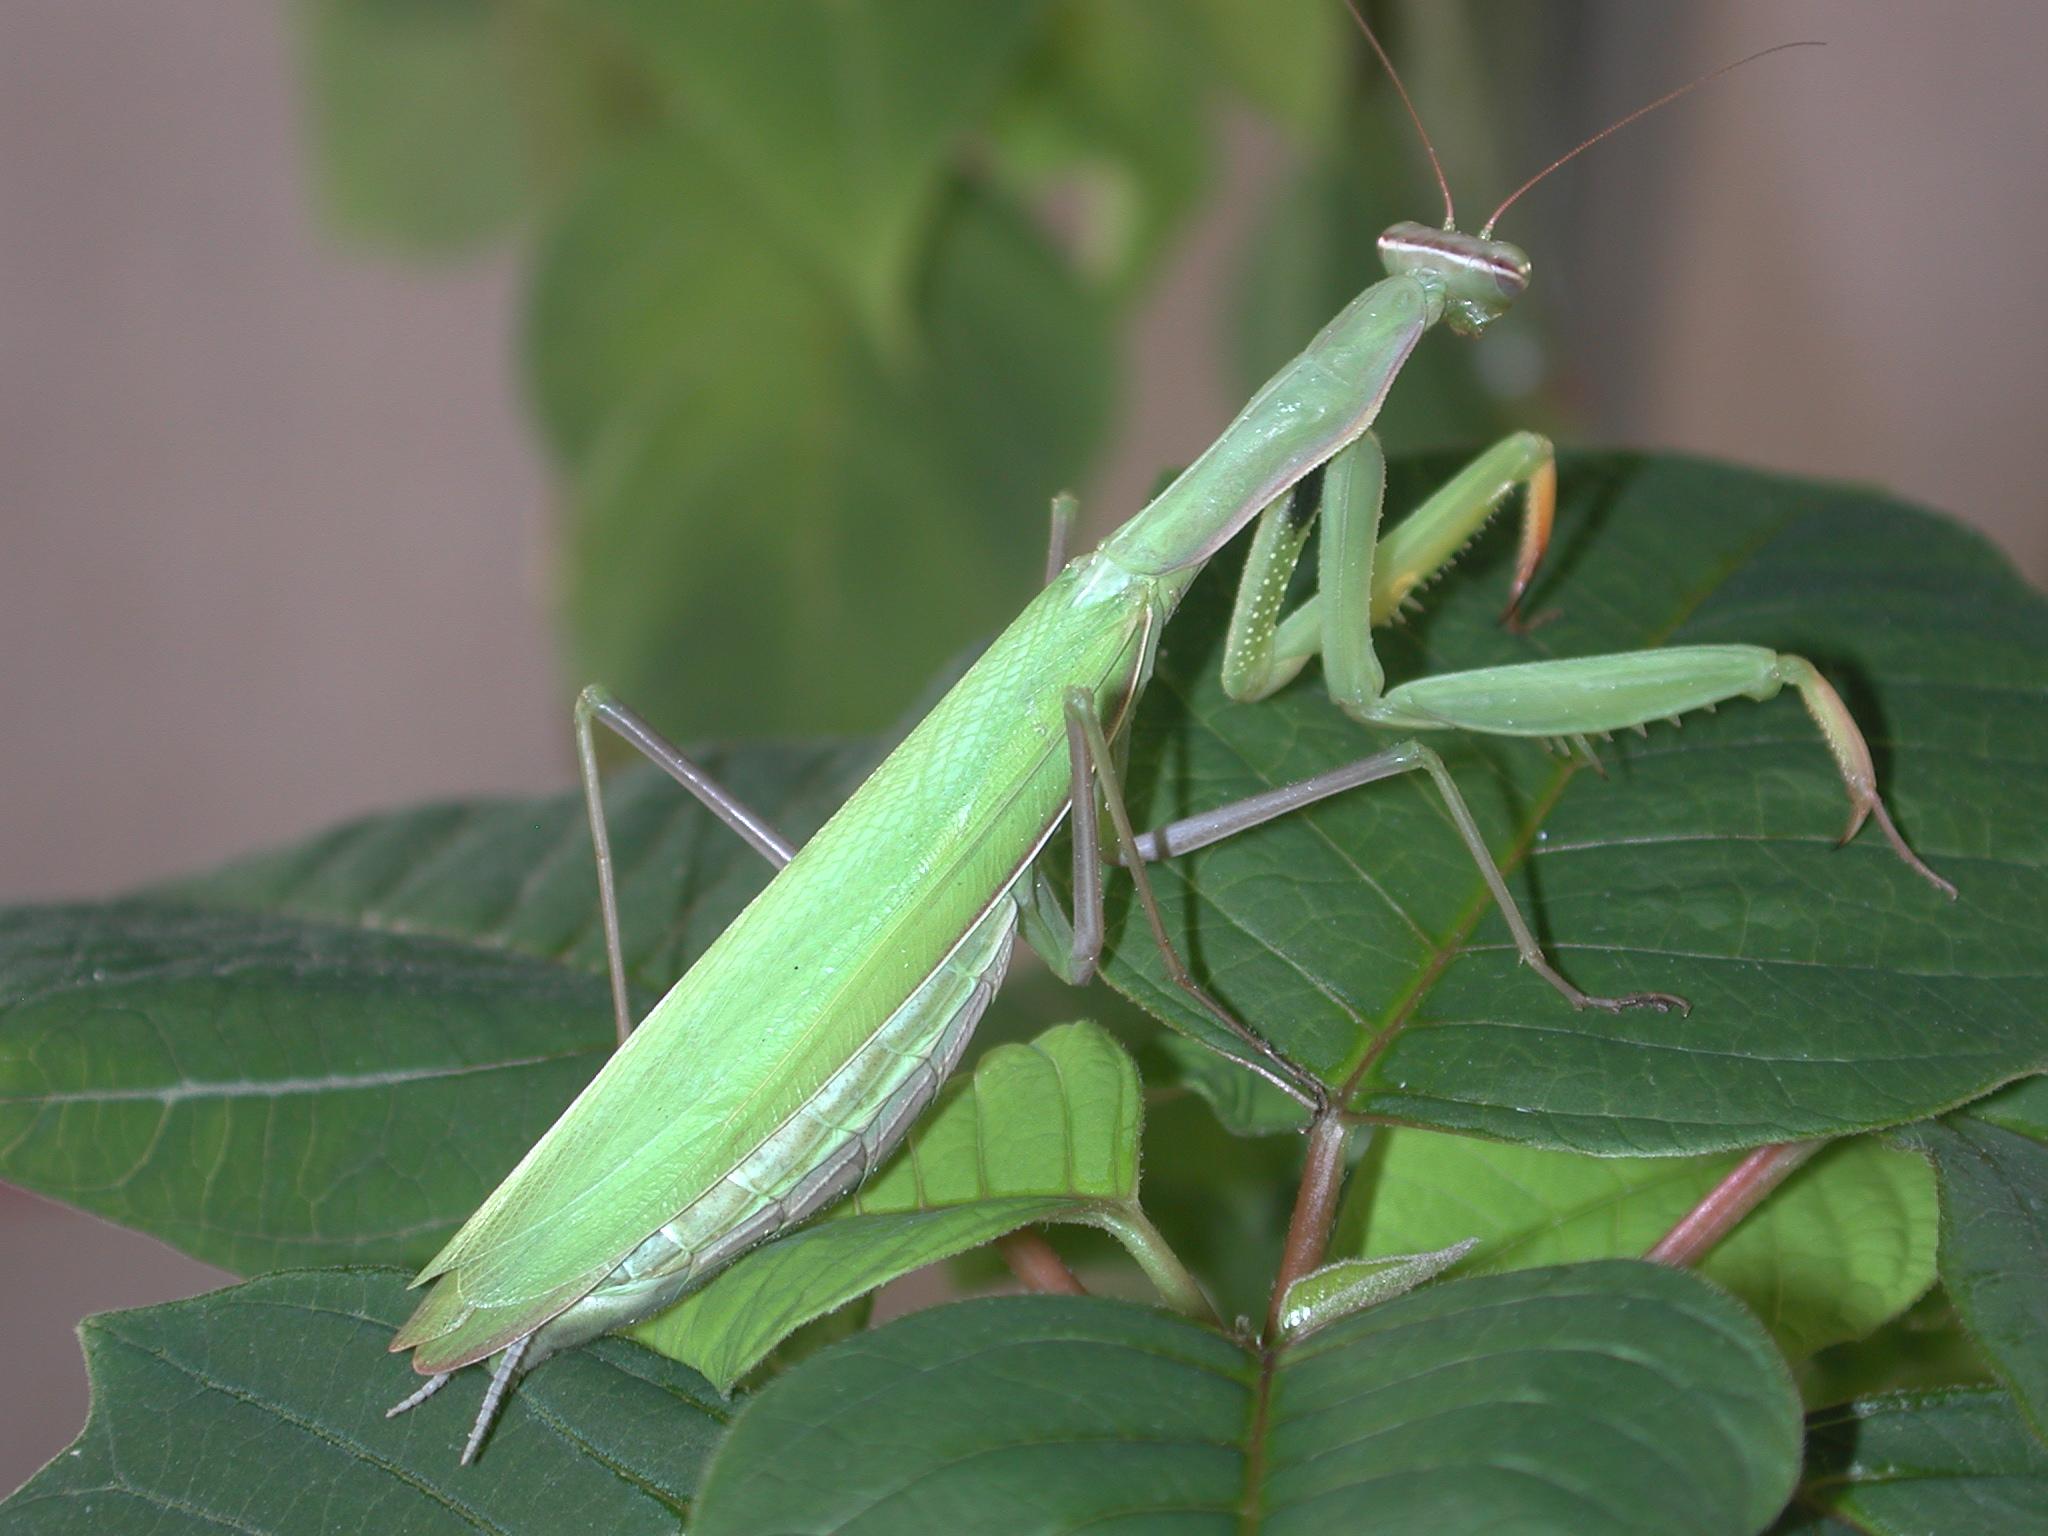 Praying mantis = Mantis religiosa